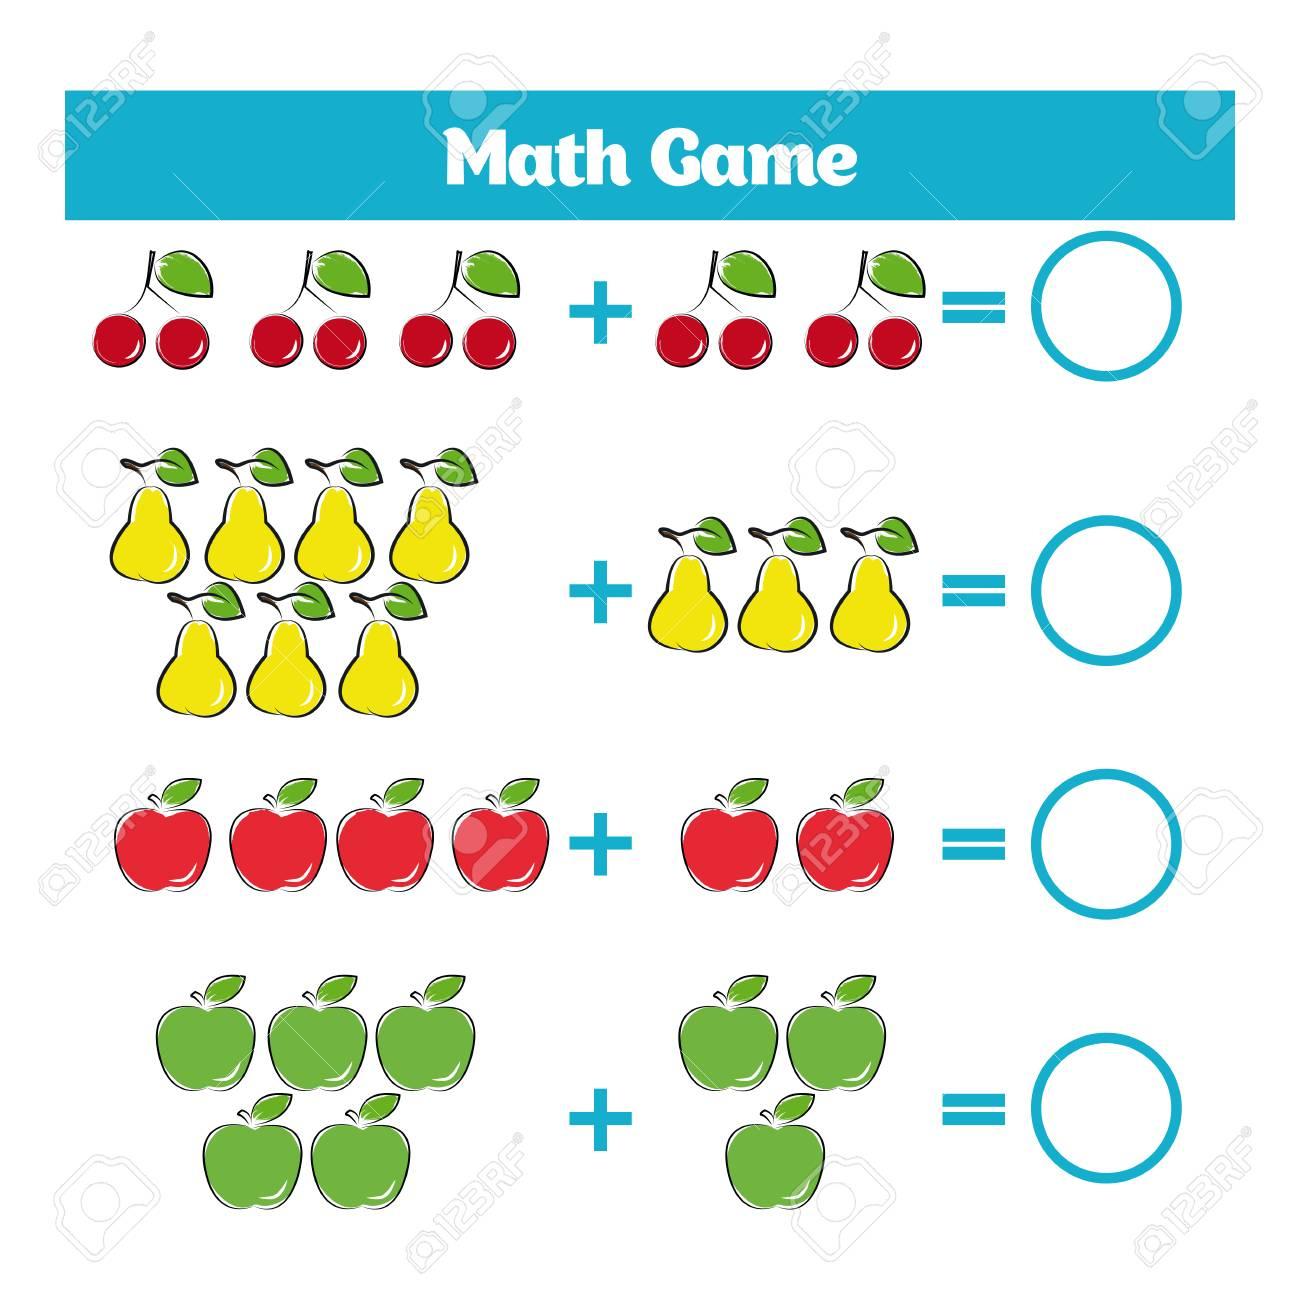 Jeu Éducatif Mathématique Pour Les Enfants. Apprentissage Soustraction  Feuille De Calcul Pour Les Enfants, En Comptant L'activité. Illustration dedans Jeu Calcul Enfant